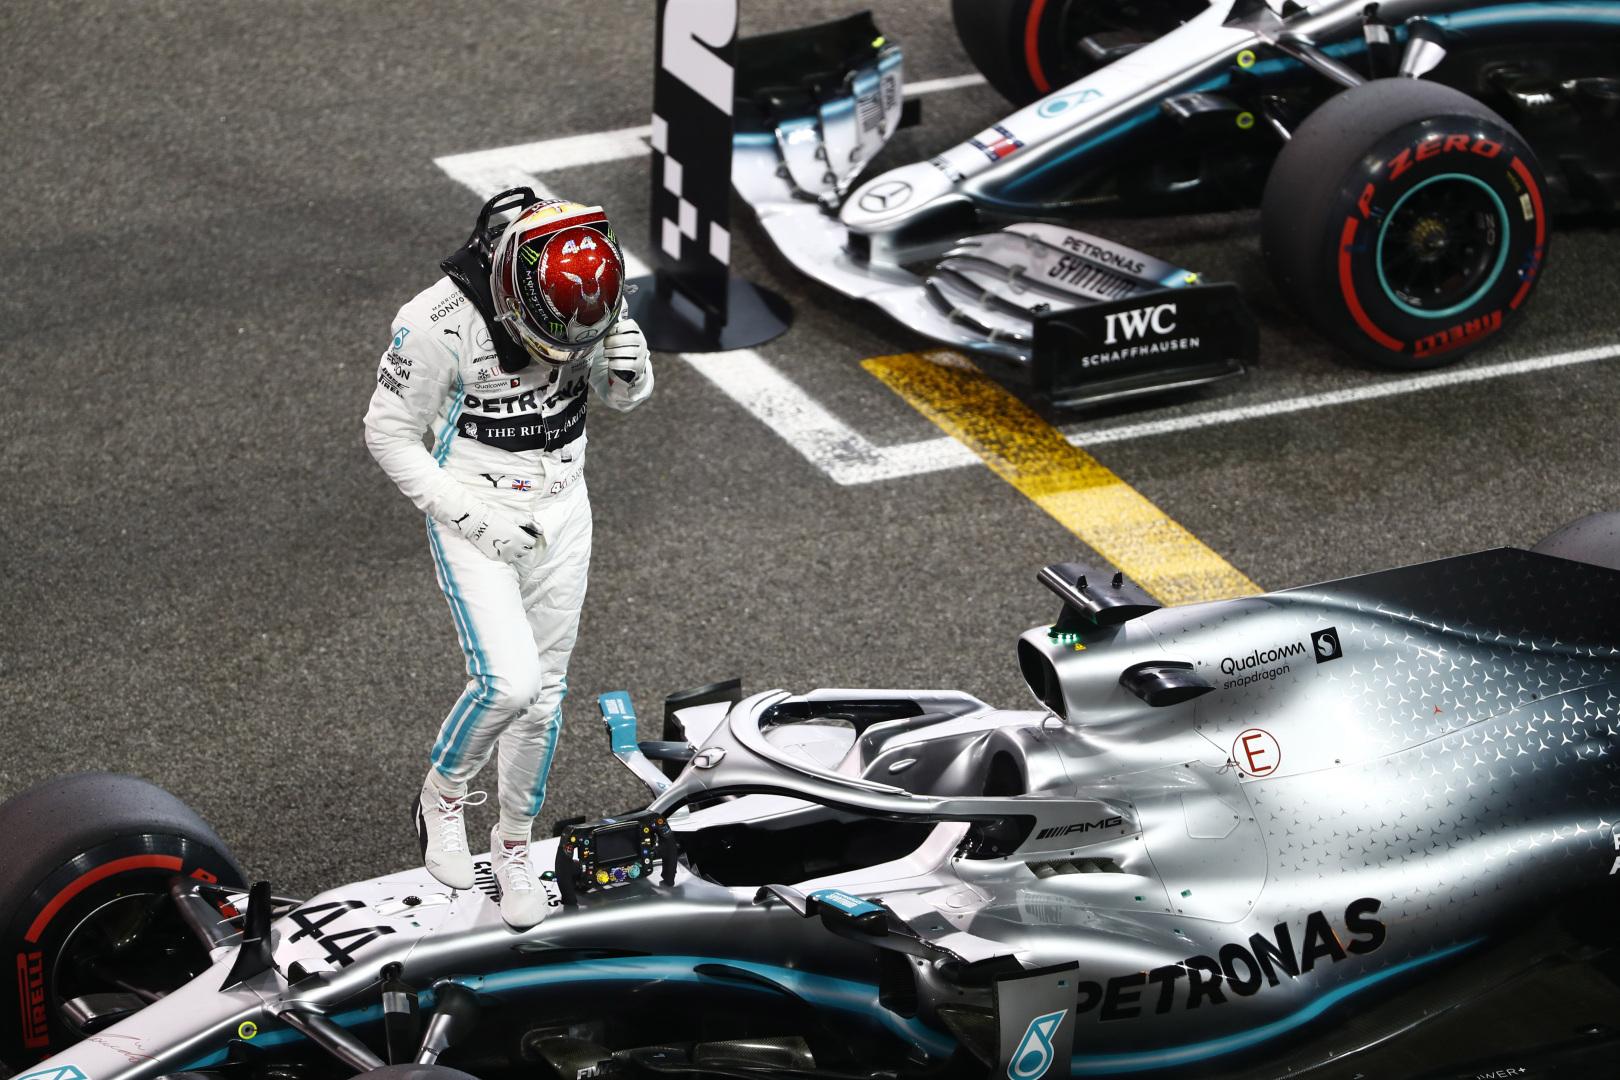 F1: Csendes versenytársait kritizálta Hamilton